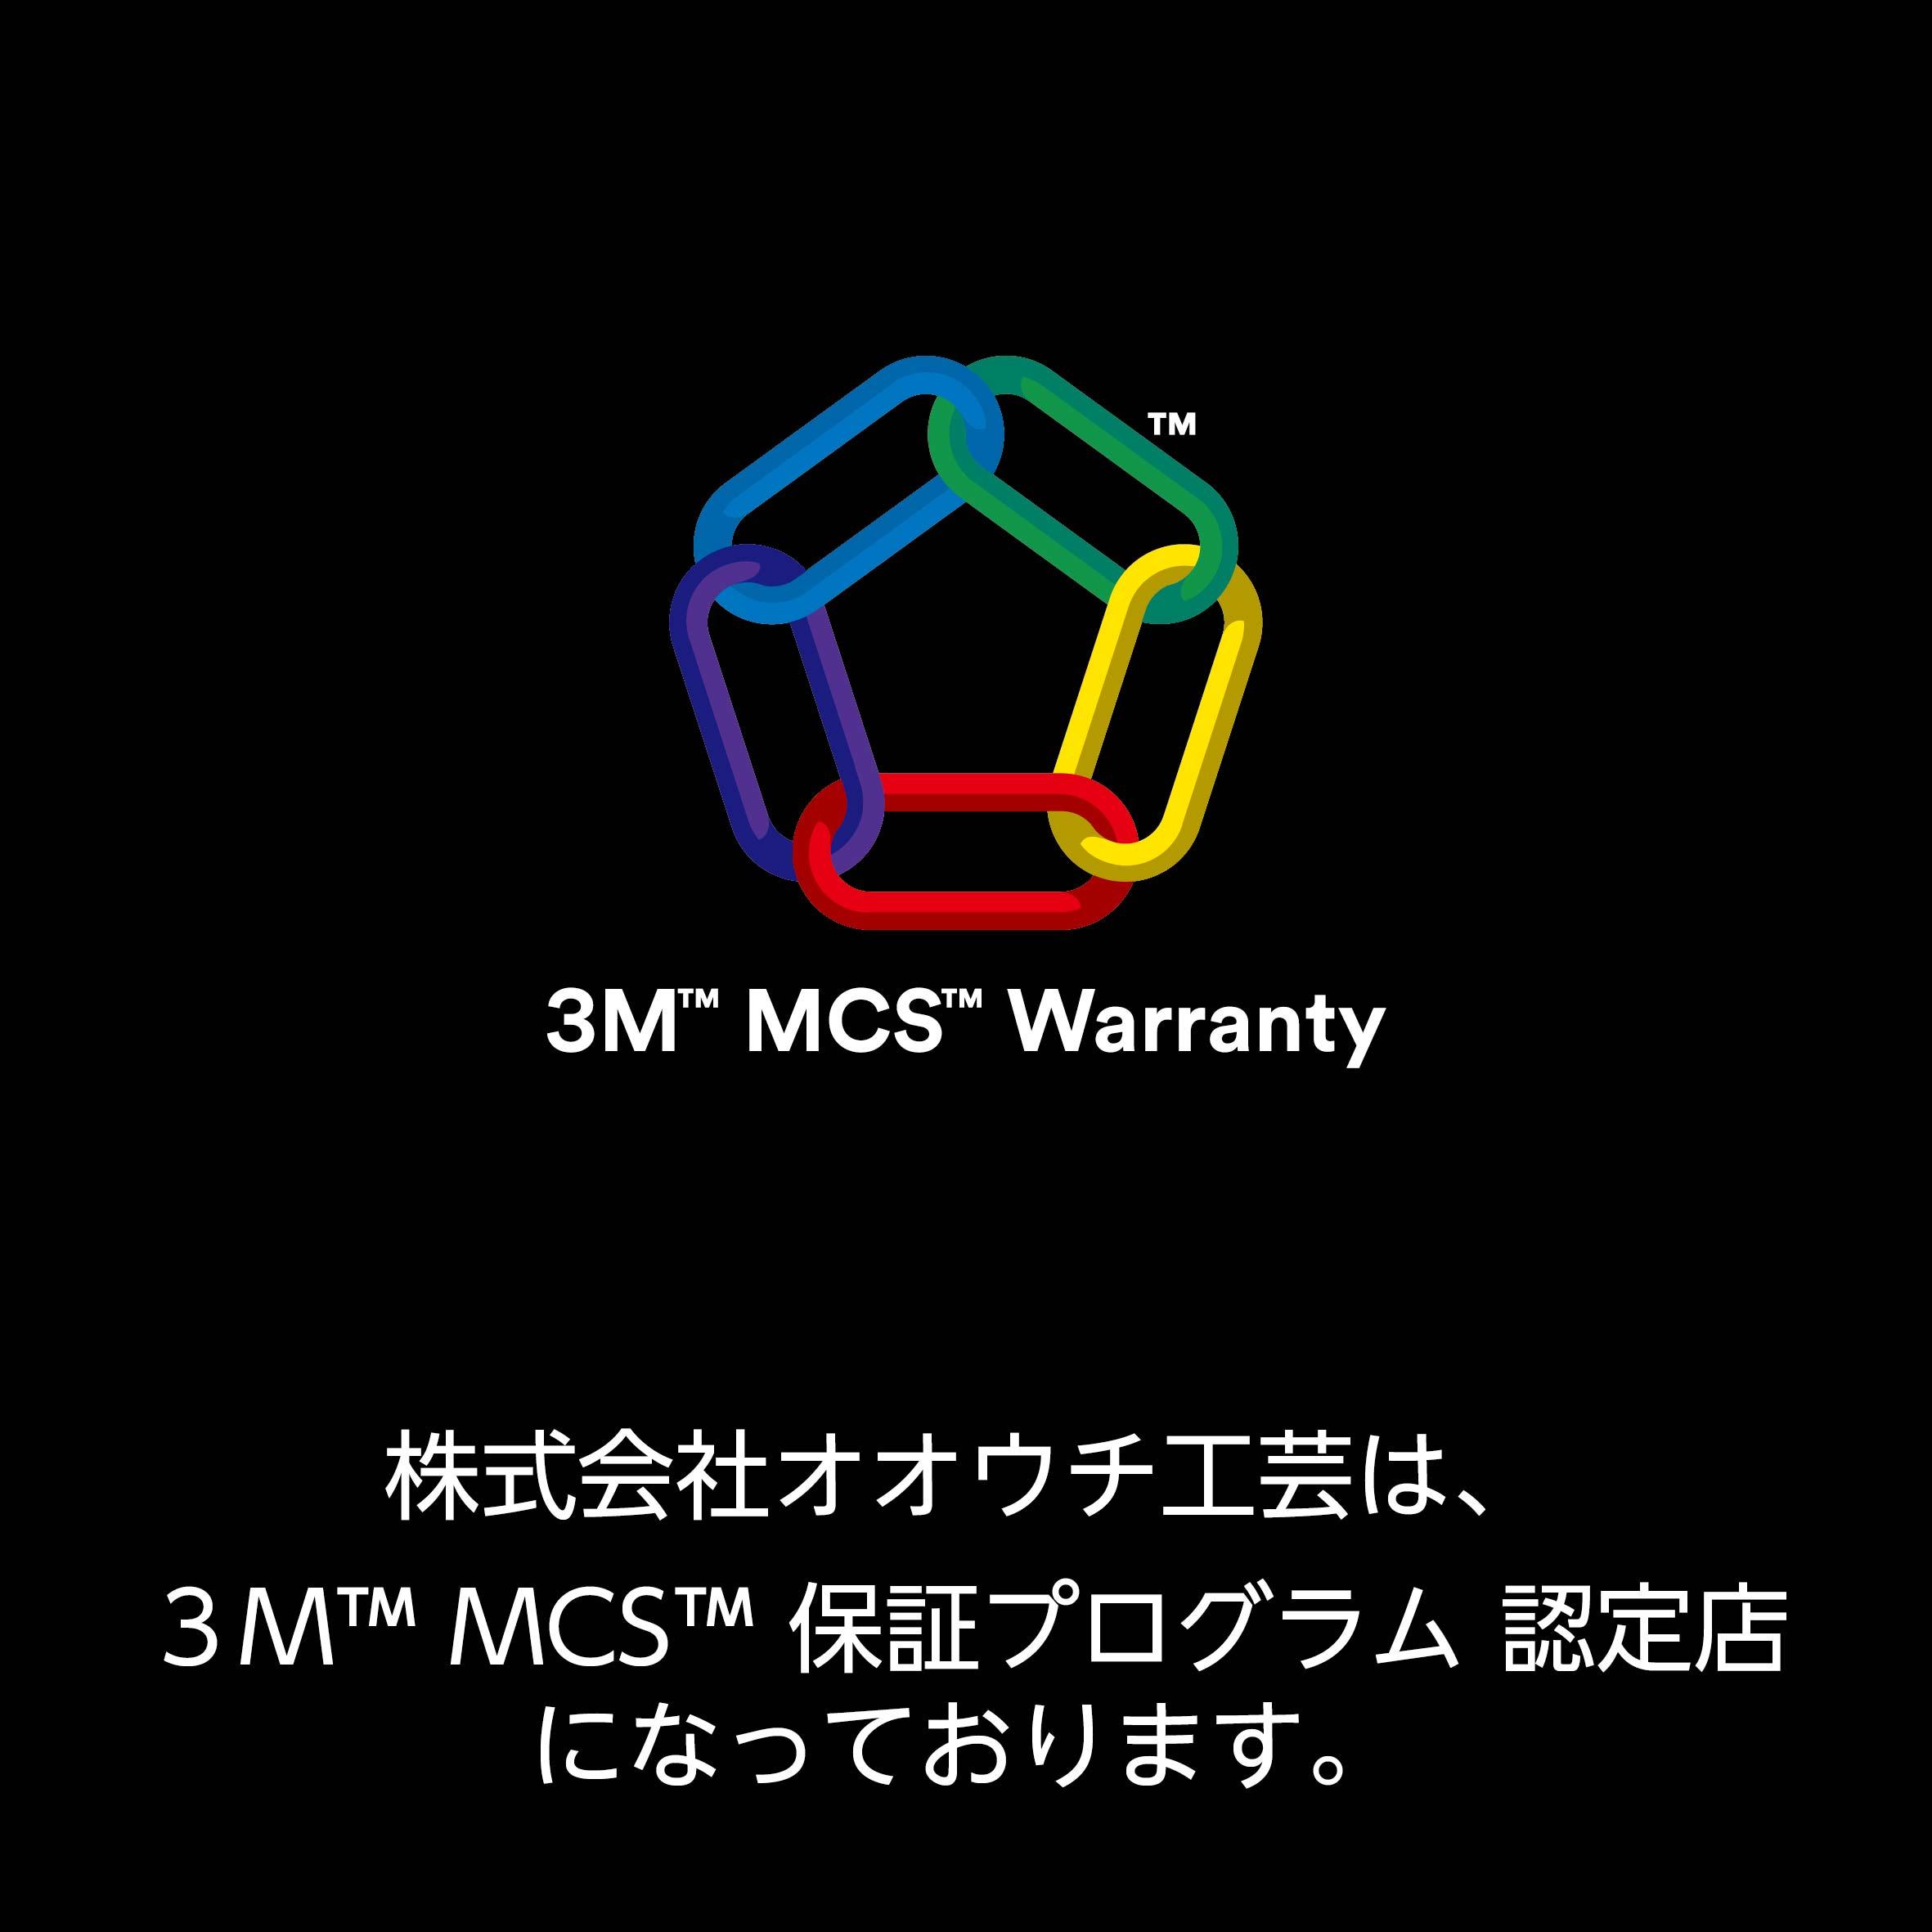 3M™ MCS™ 保証プログラム 認定店のイメージ